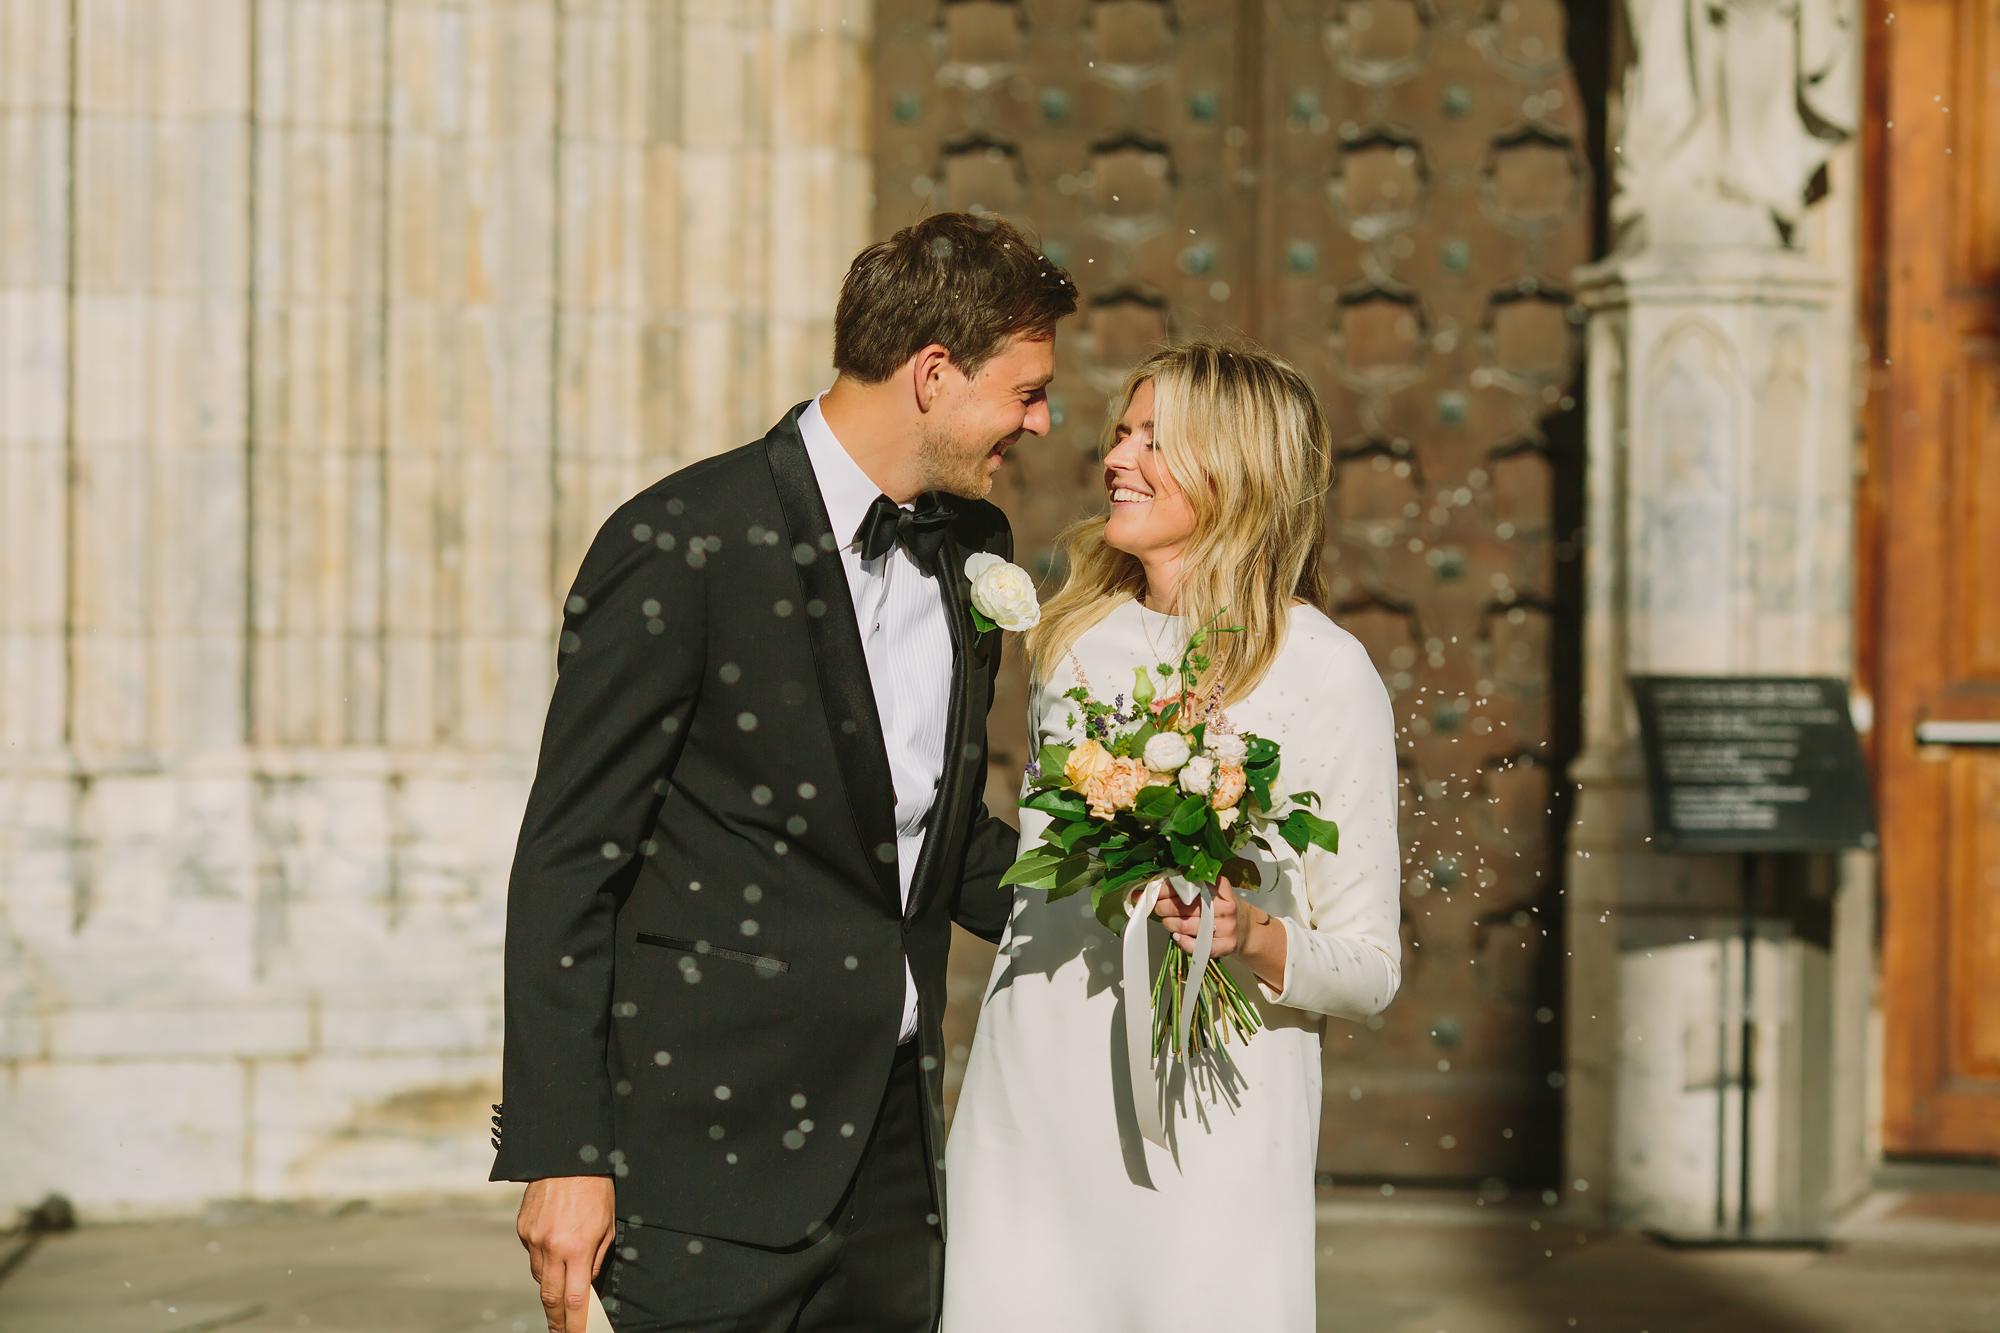 riskastning under bröllop